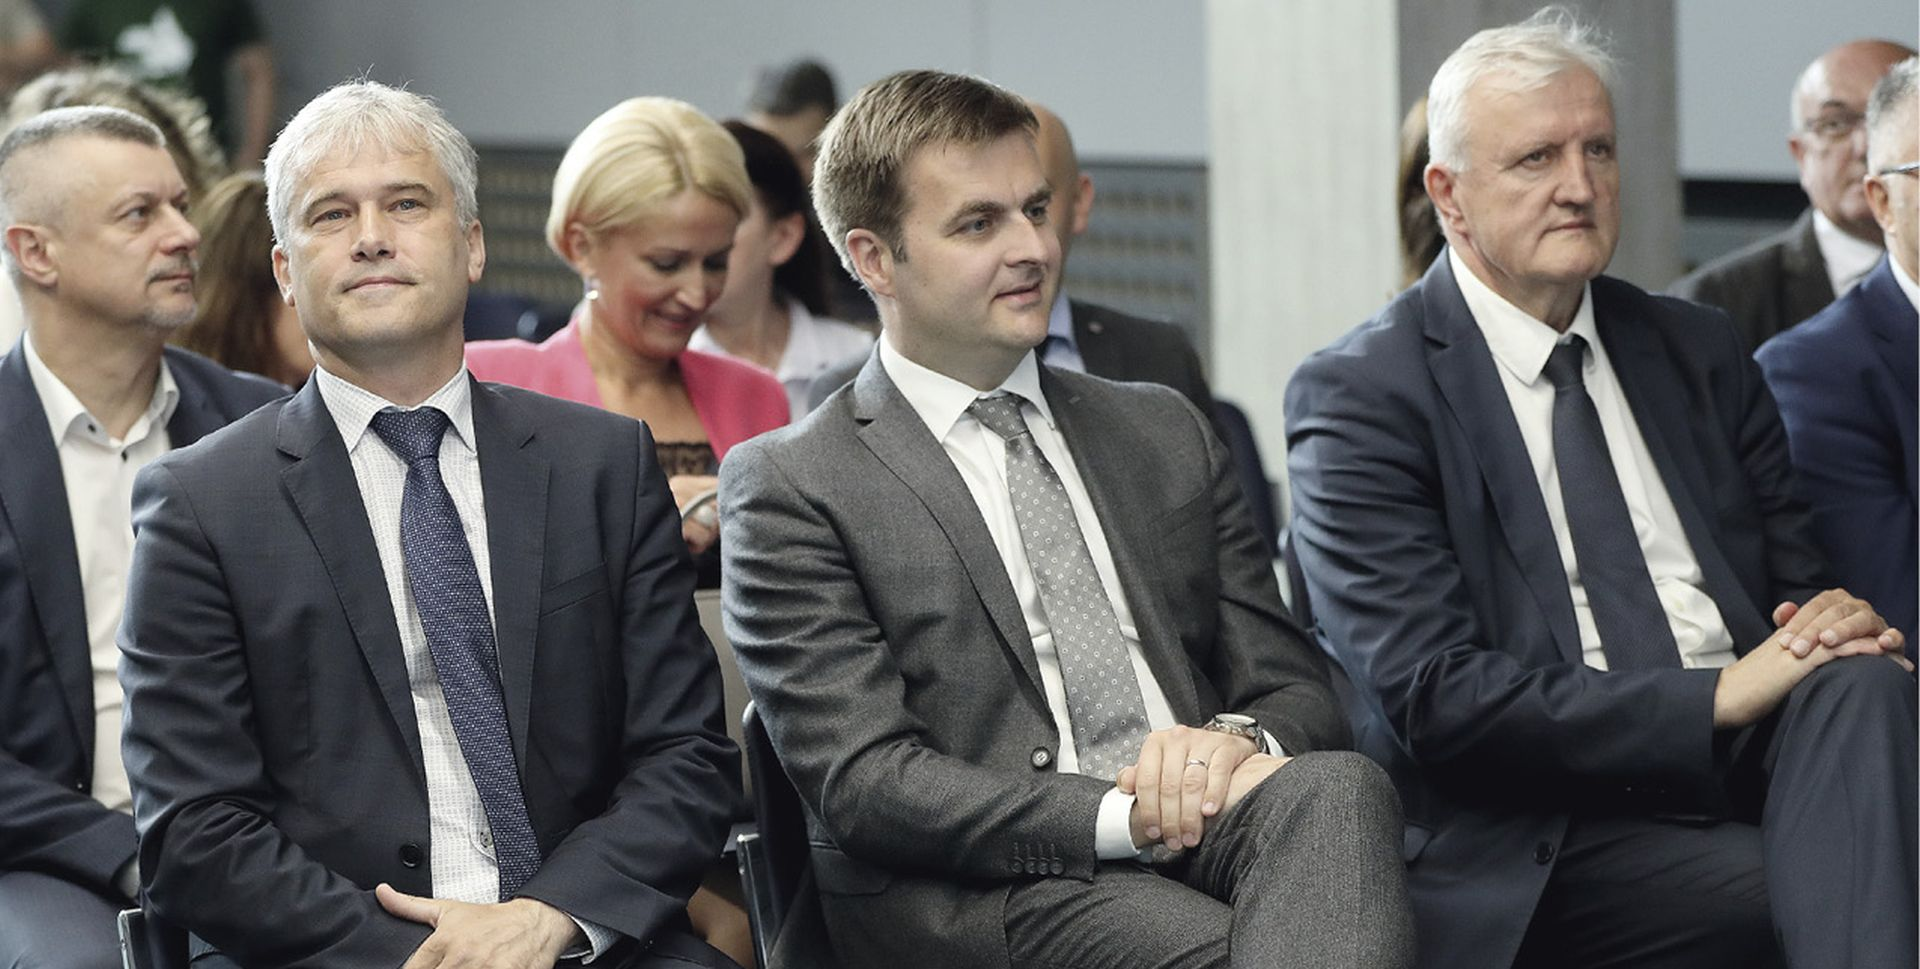 Božo Galić oblijeće vrh HDZ-a jer je pod pritiskom zbog istraga u Vinkovcima